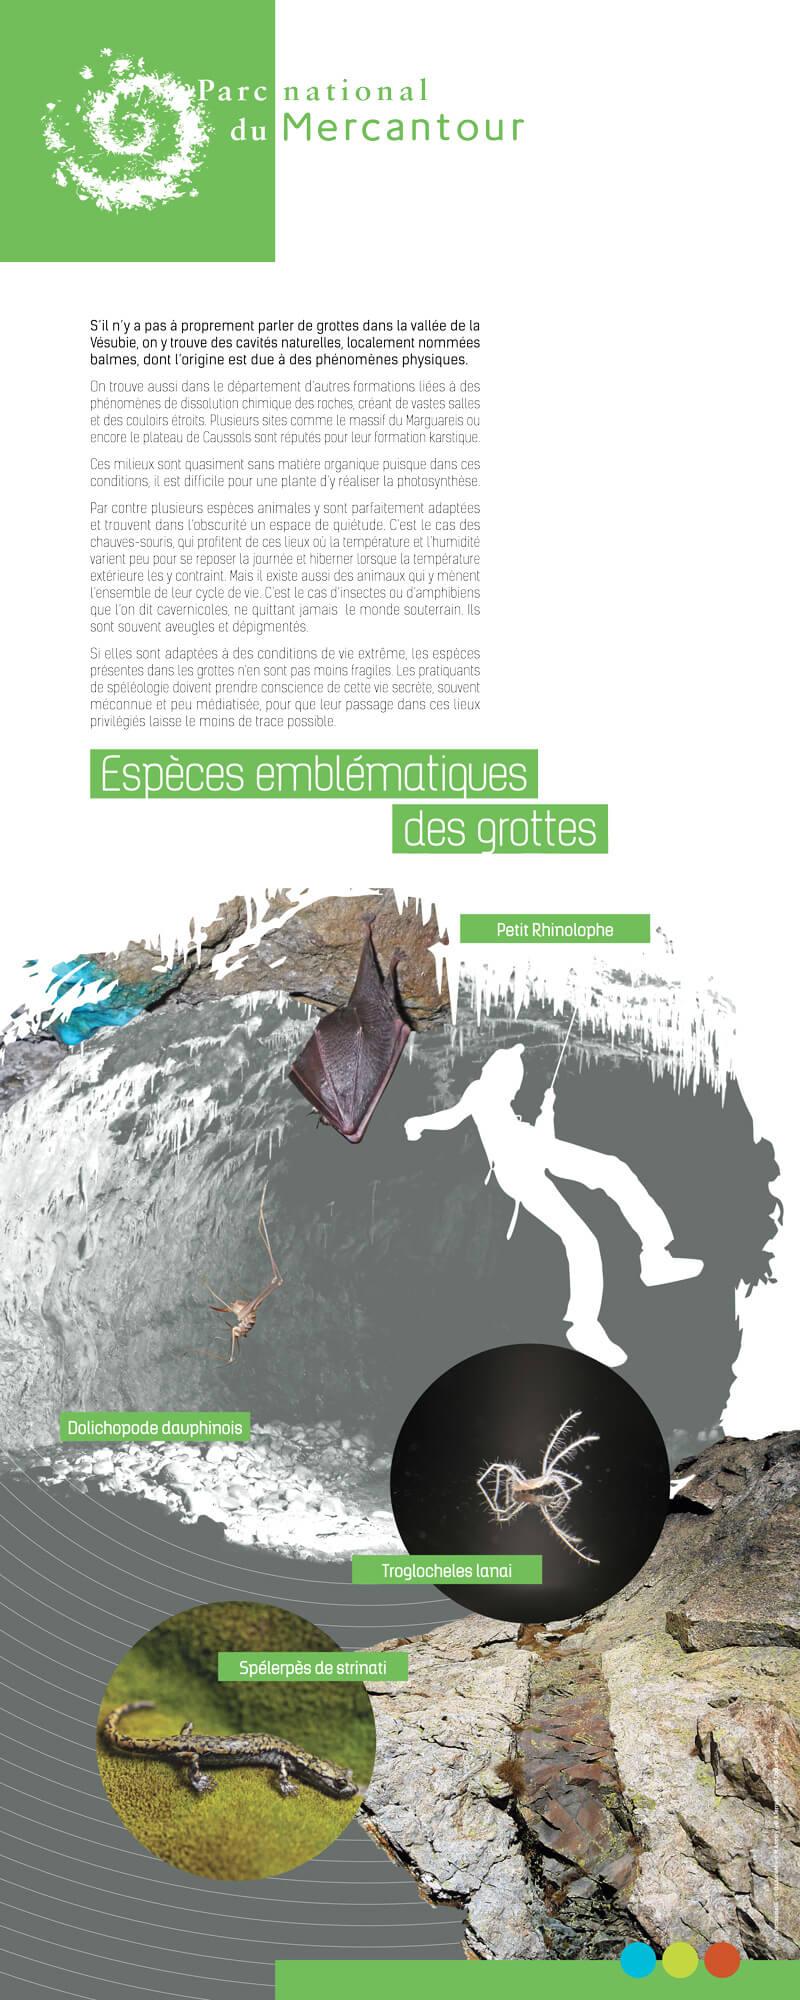 Panneau d'exposition grotte, Parc National du Mercantour